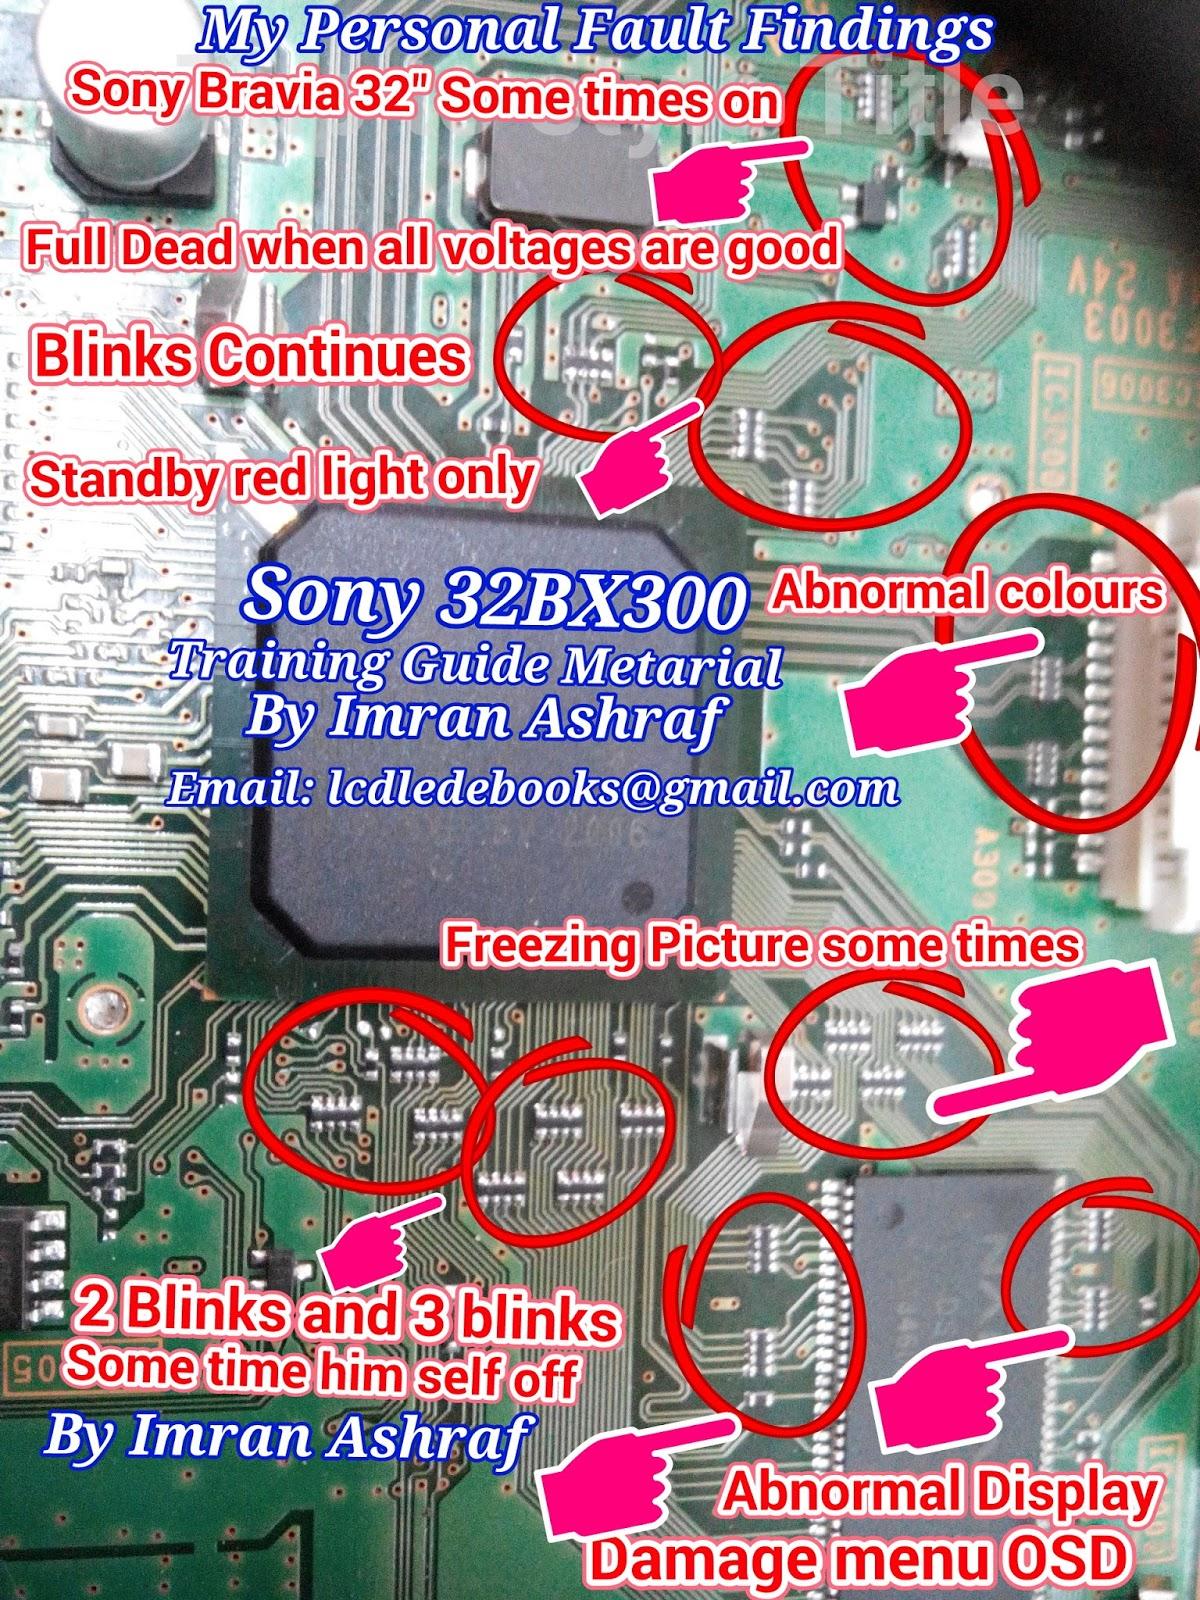 Sony KLV32T550 Faults Findings